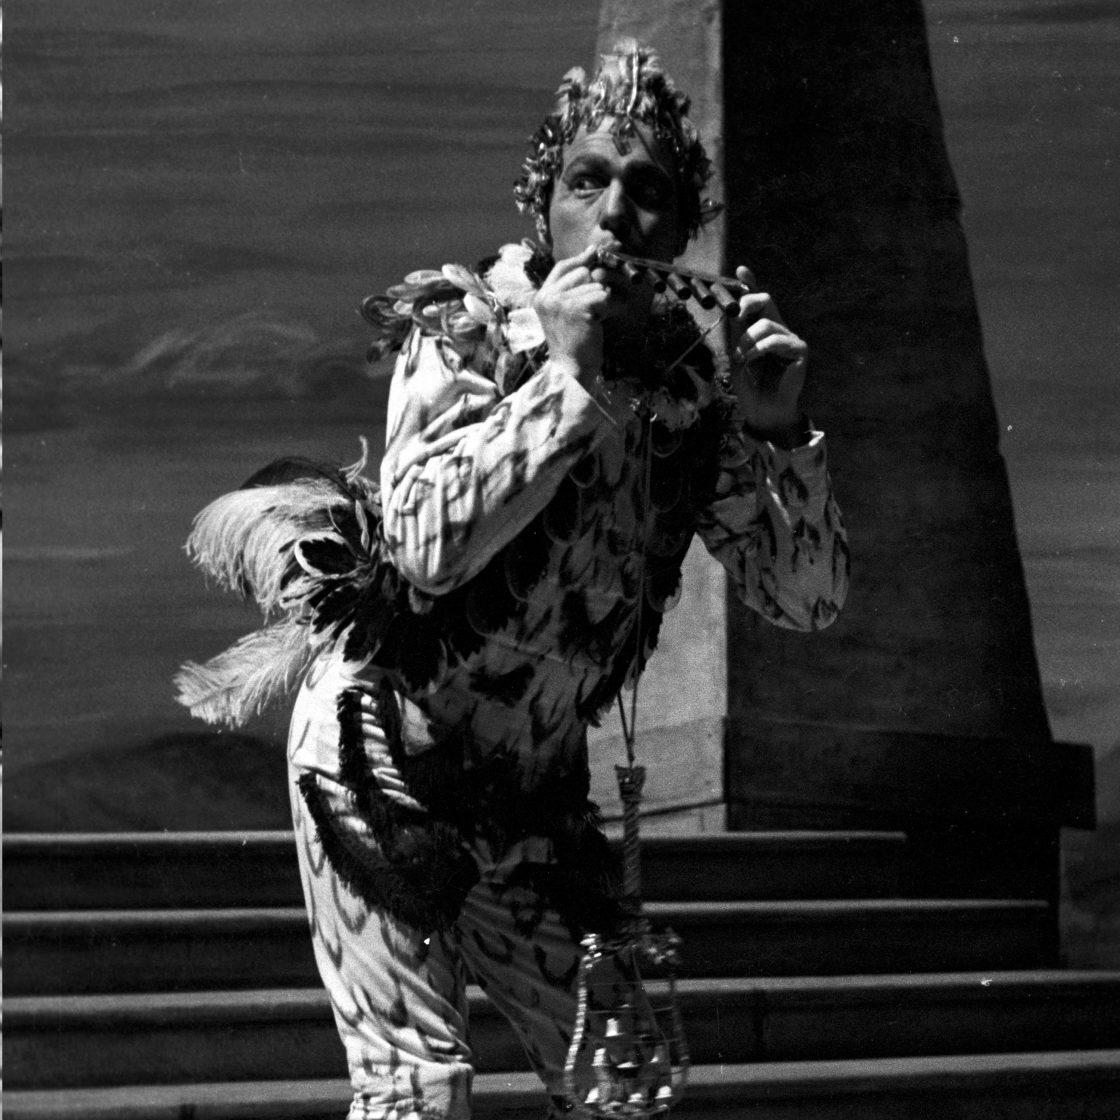 Die Zauberflute, 1957